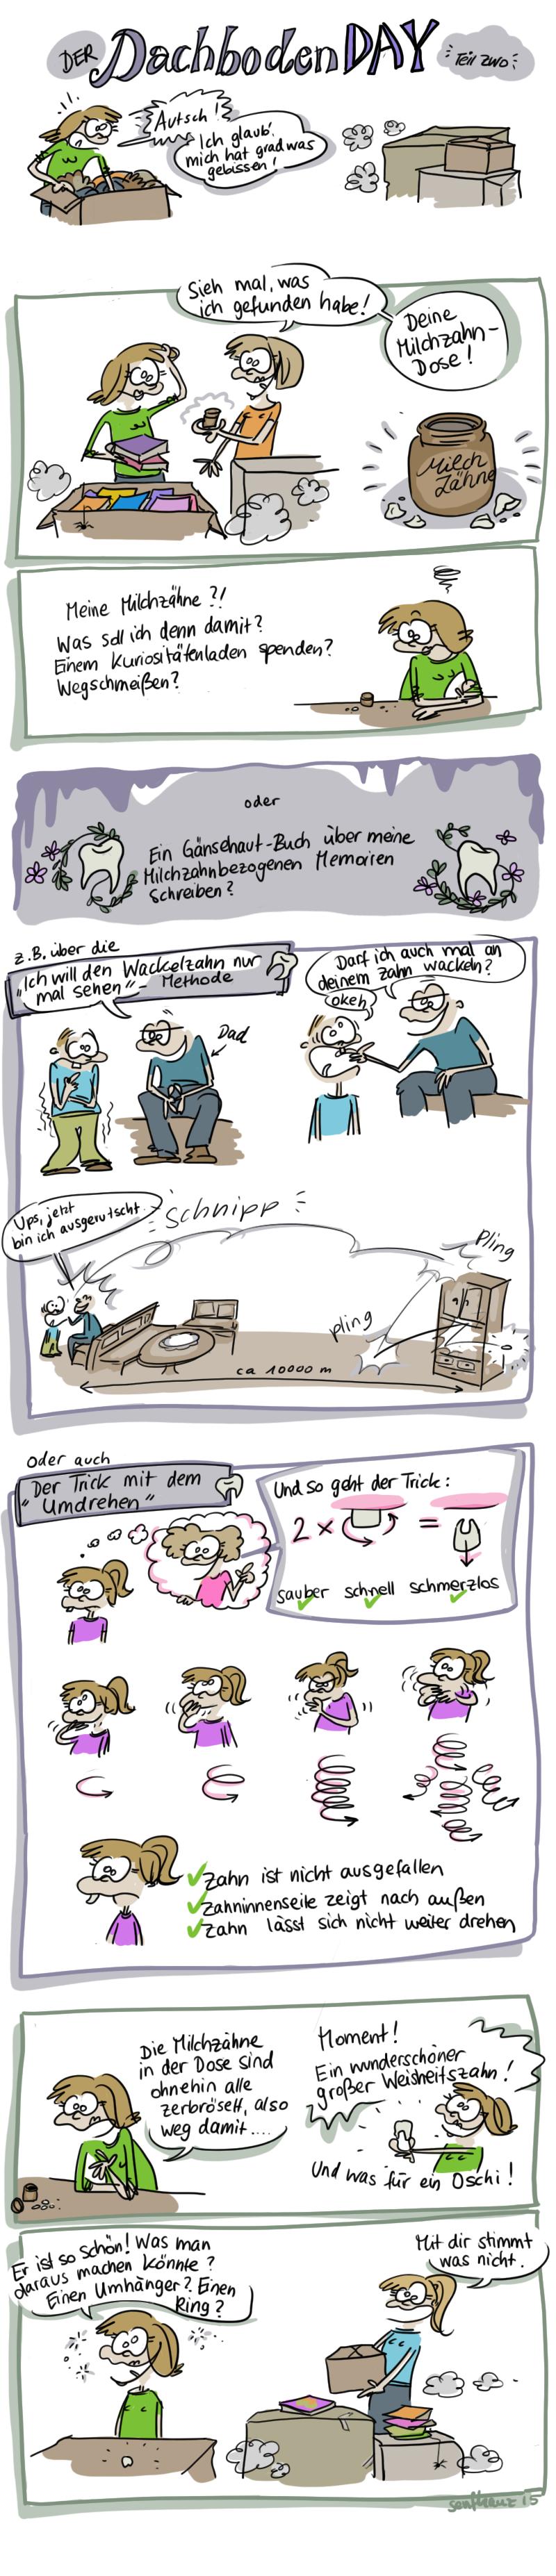 2015-03-03-Dachboden2